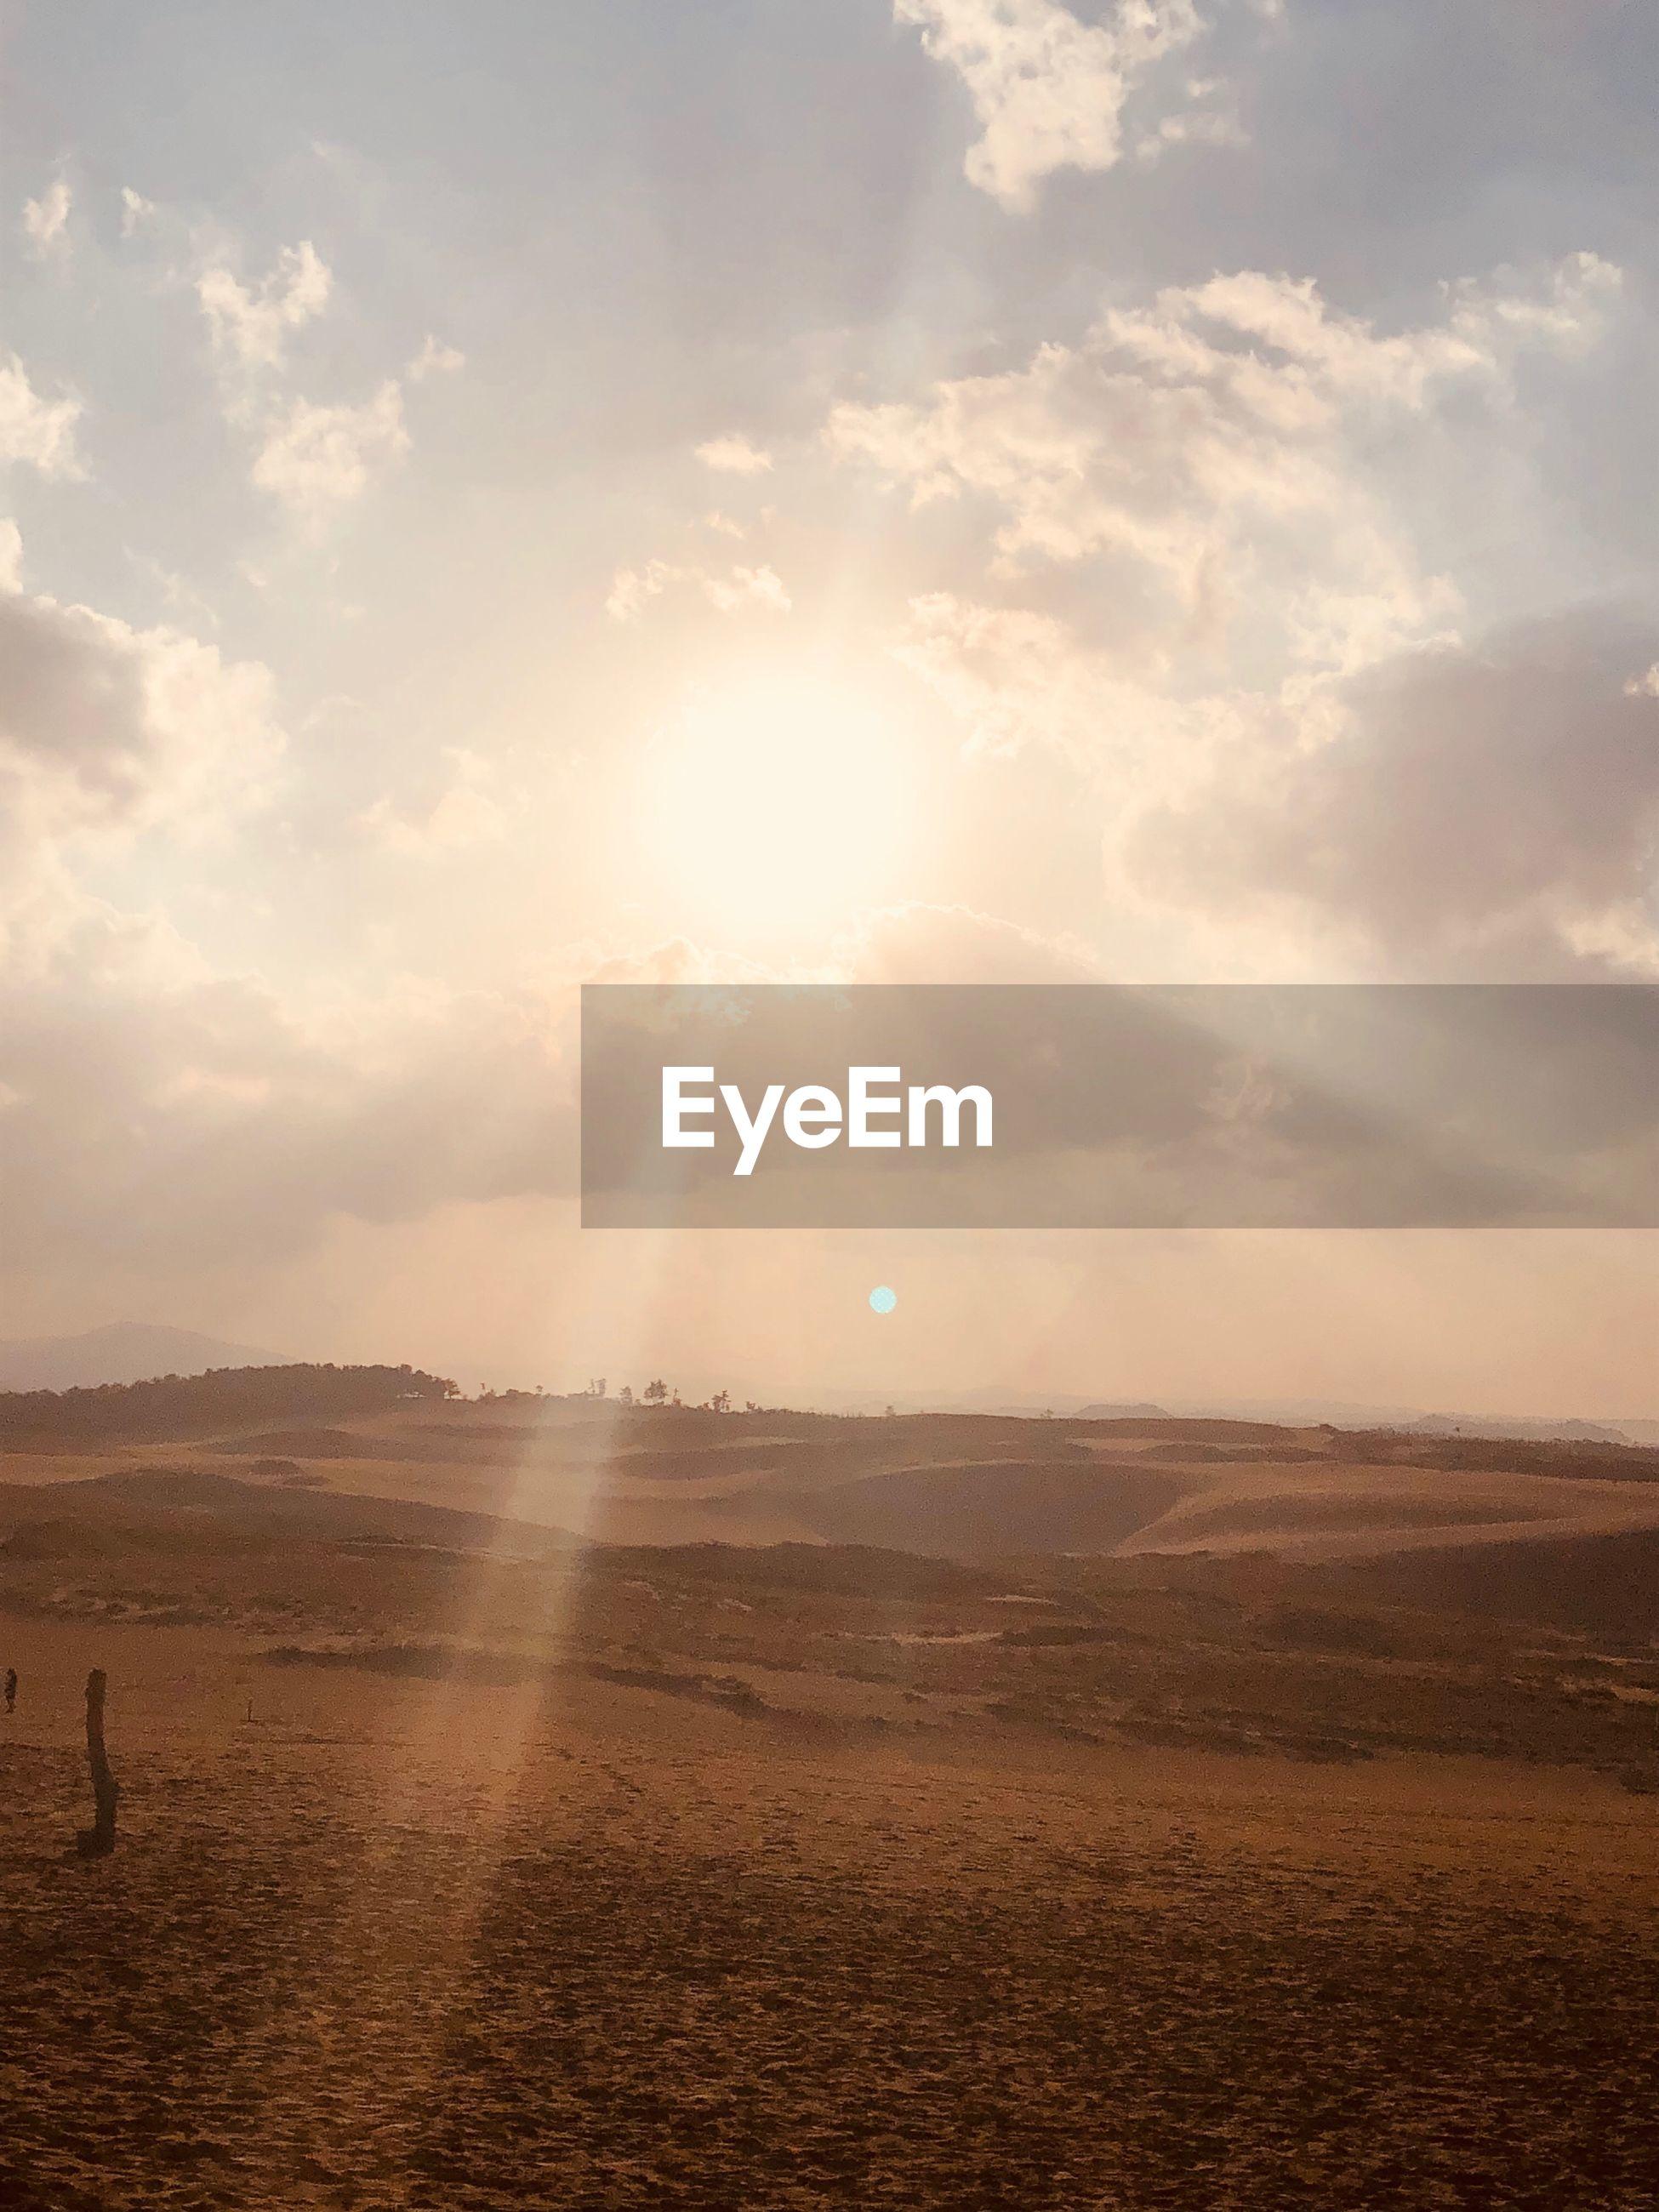 SCENIC VIEW OF BRIGHT SUN OVER FIELD